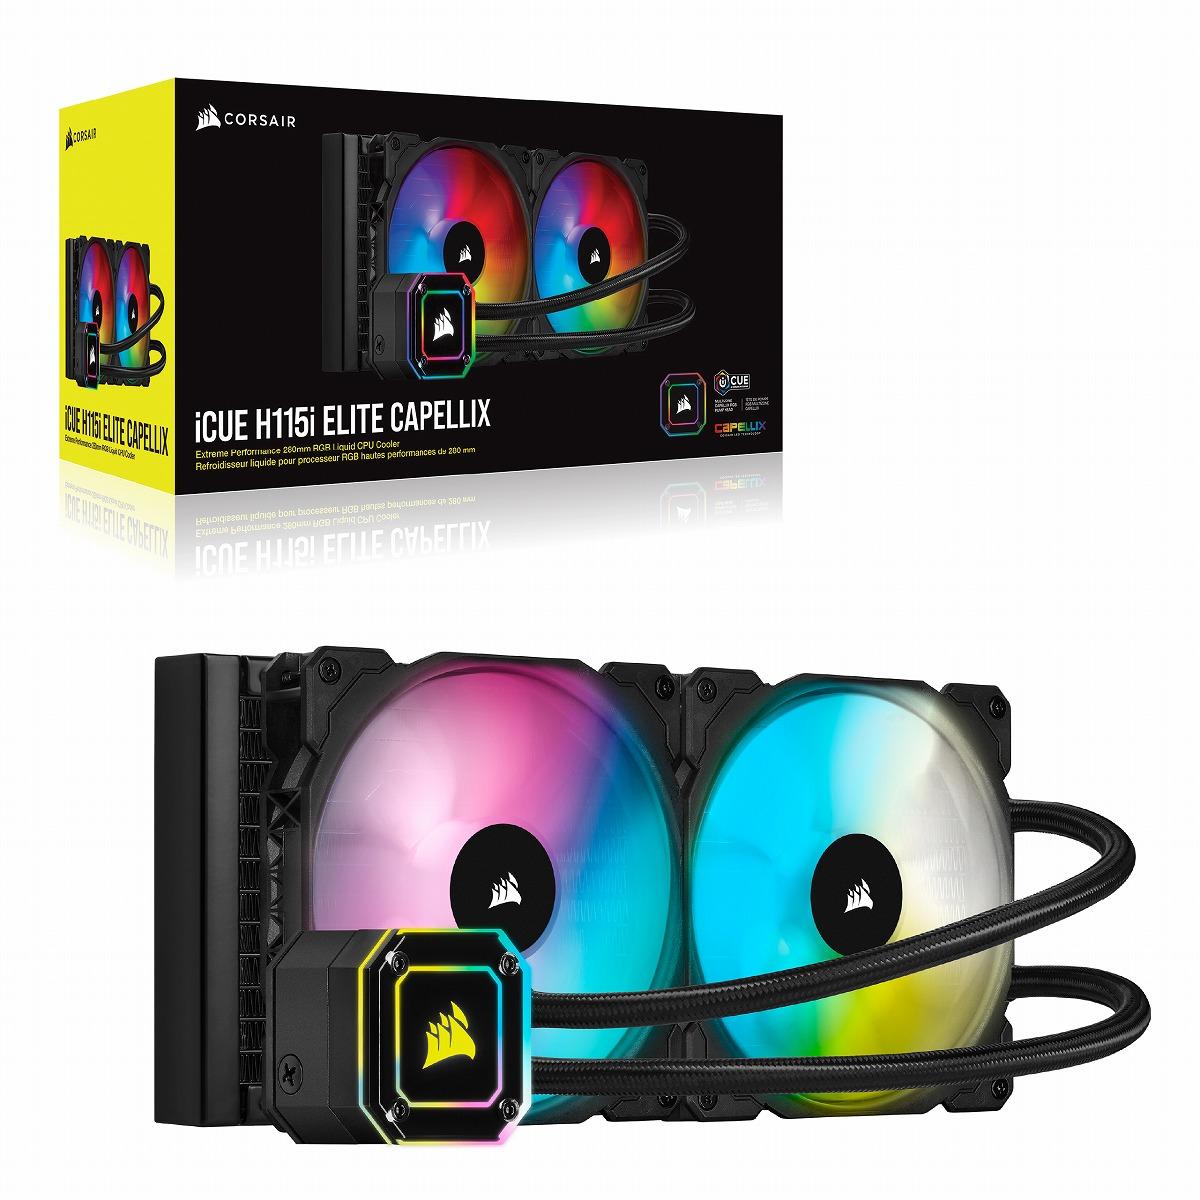 3980円以上送料無料 CORSAIR 超高輝度CAPELLIX RGB LED搭載 280mmサイズの水冷ユニット ELITE ラジエータサイズ280mm H115i CW-9060047-WW CAPELLIX 新作からSALEアイテム等お得な商品 満載 信憑